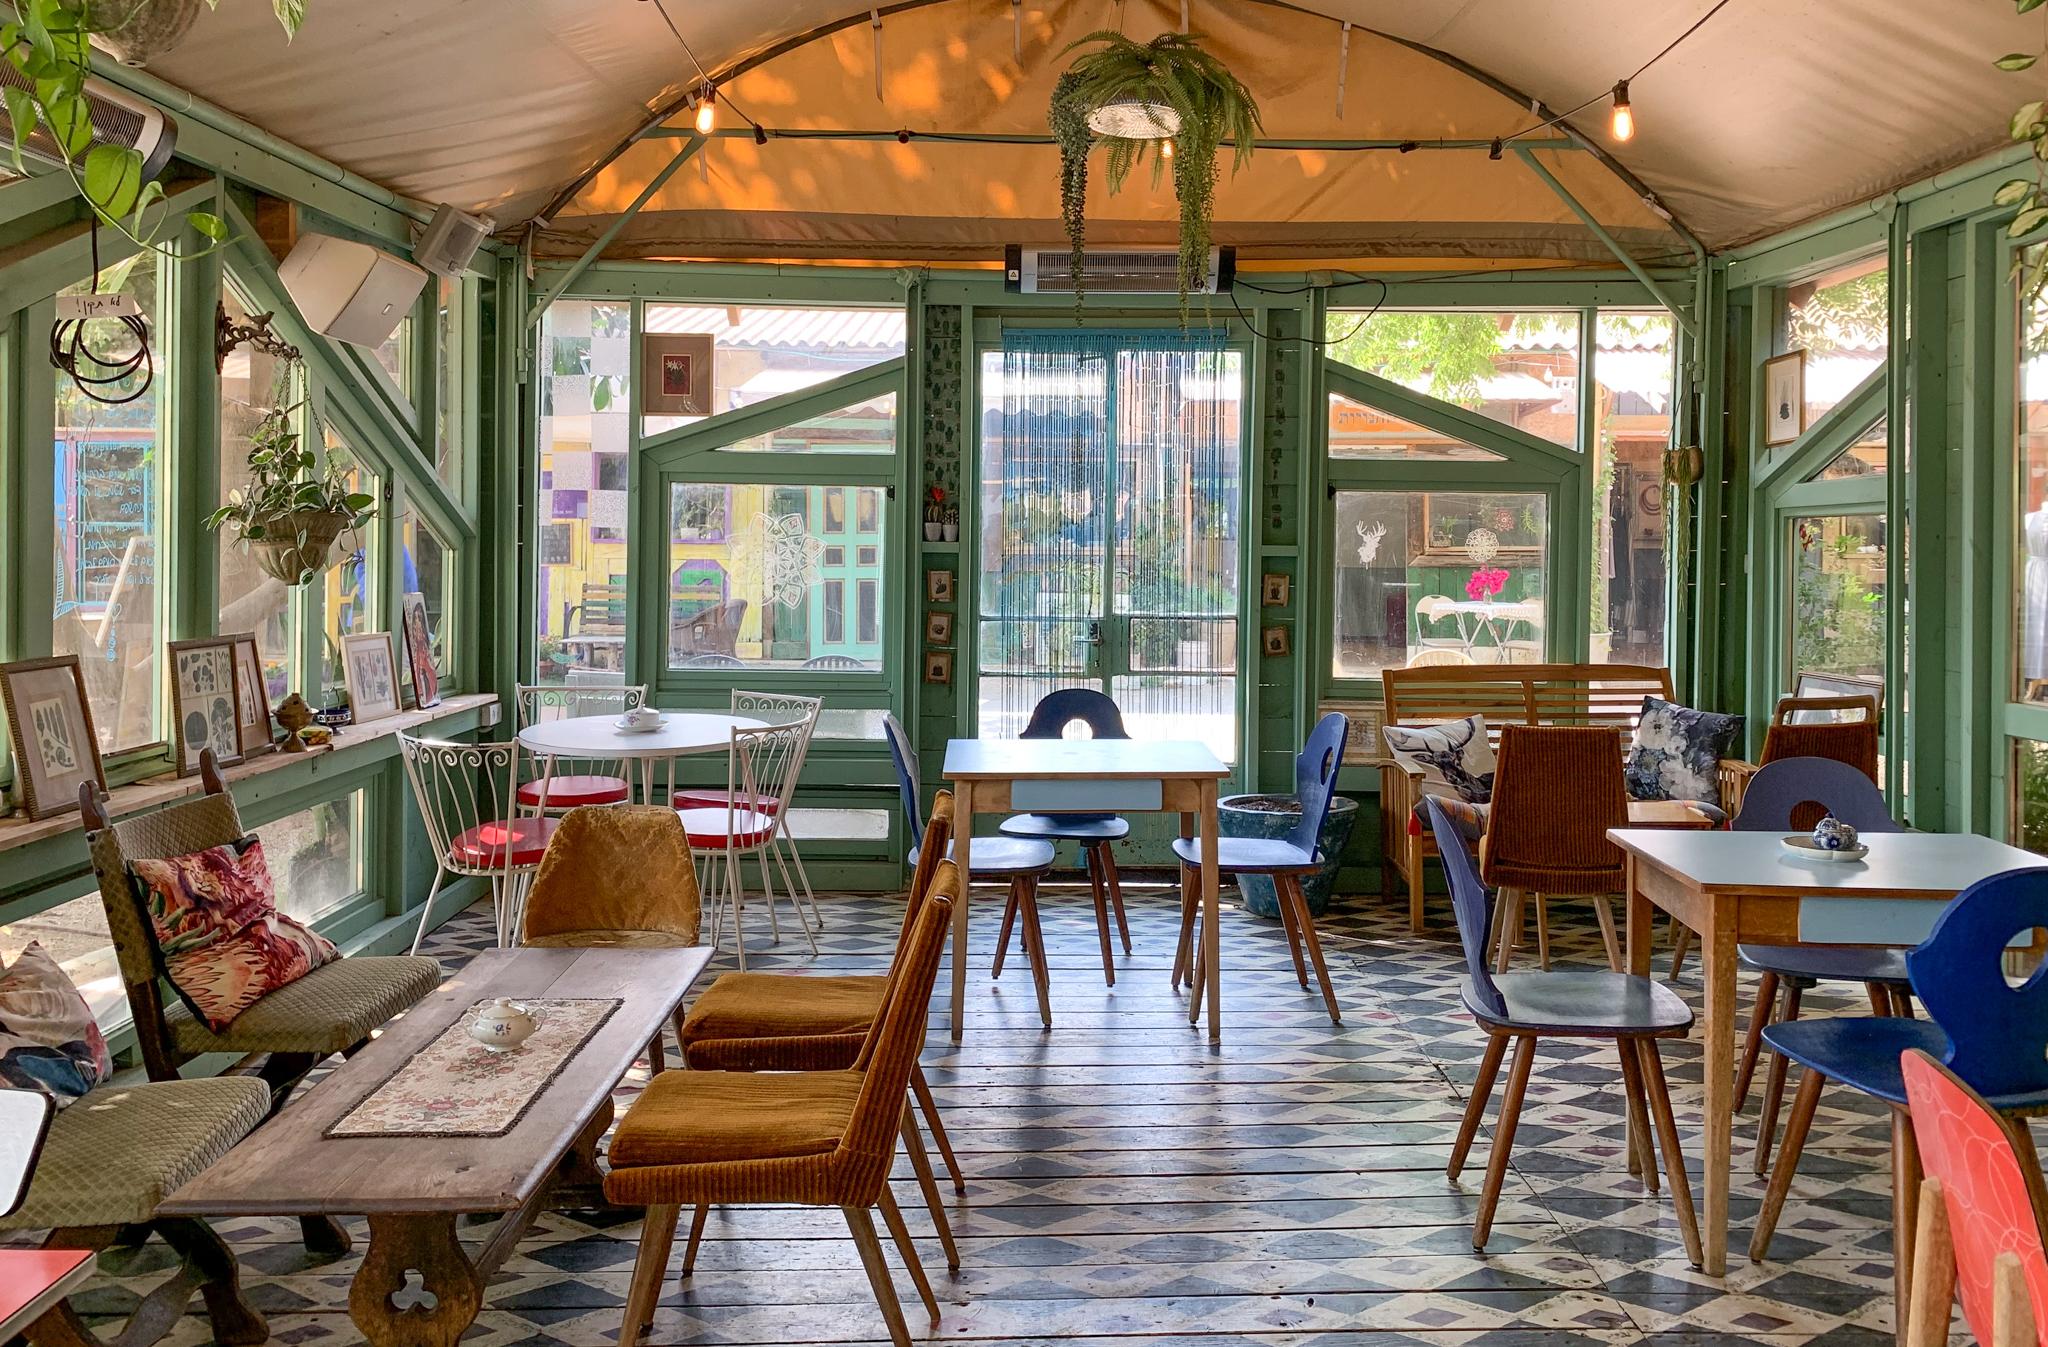 קפה הצבי המעוצב והיפה במתחם אורוות האומנים בפרדס חנה